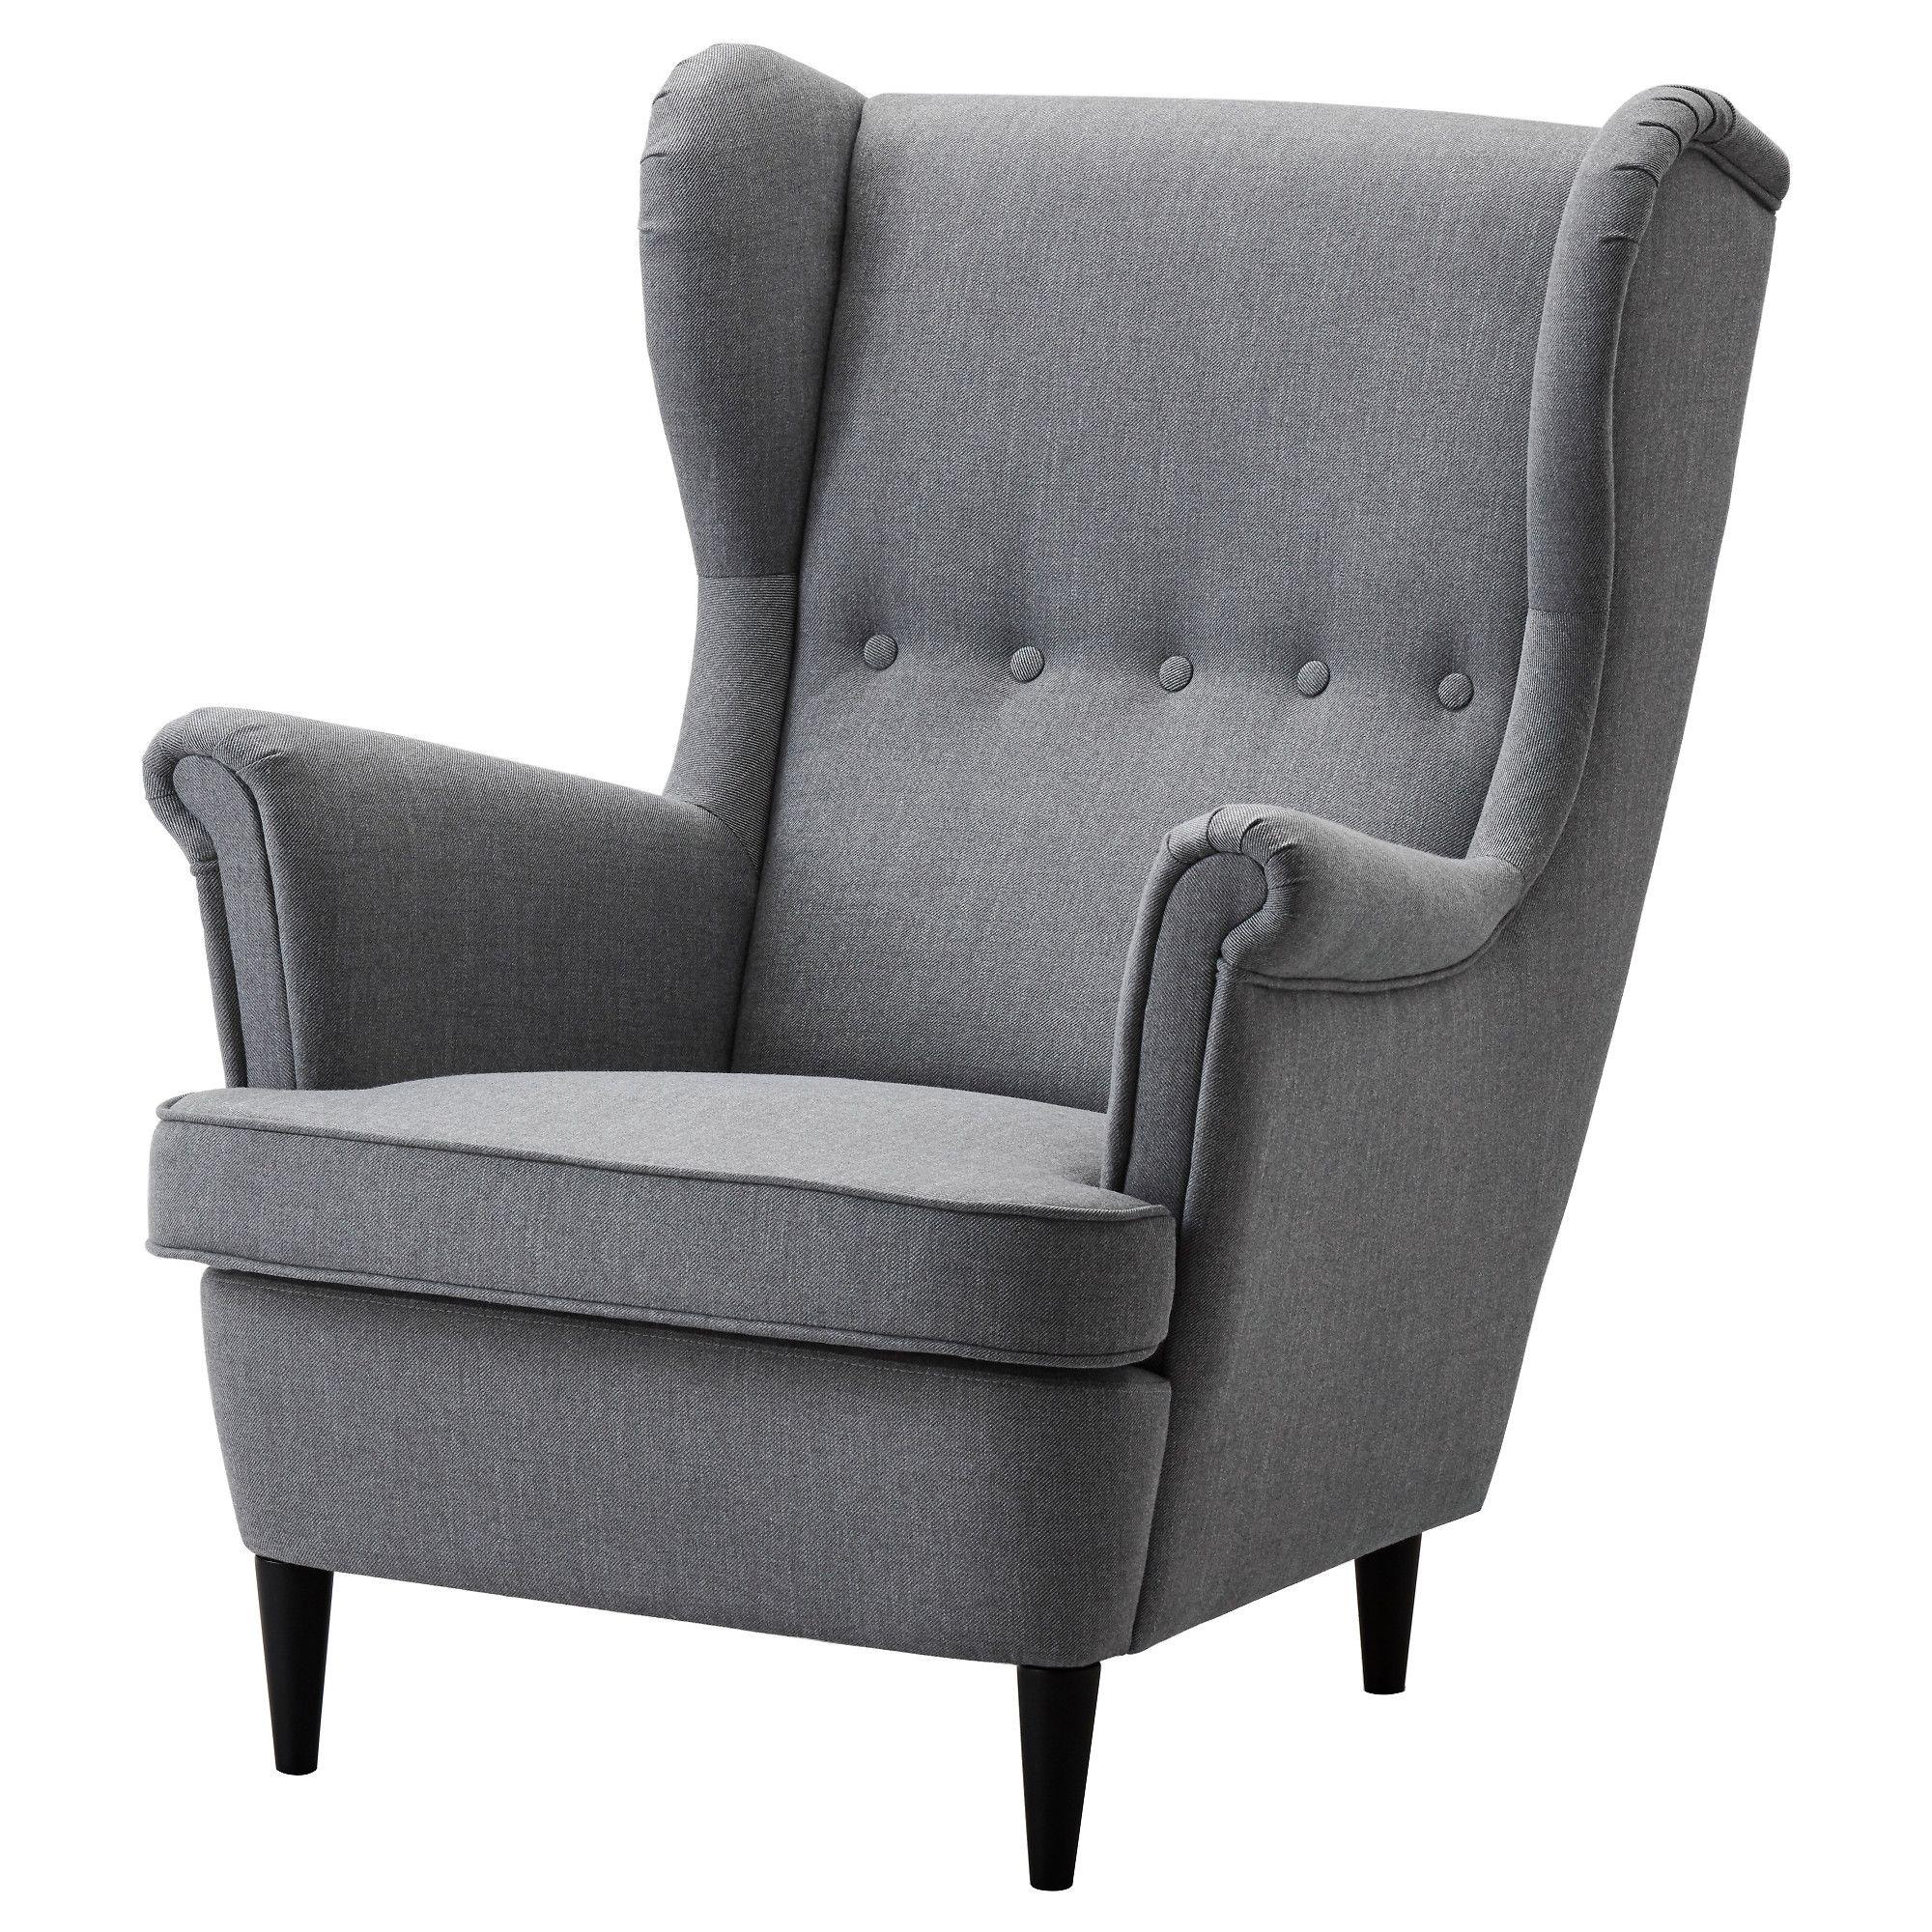 Läsfåtölj i vardagsrum Wing chair, Ikea strandmon, Ikea